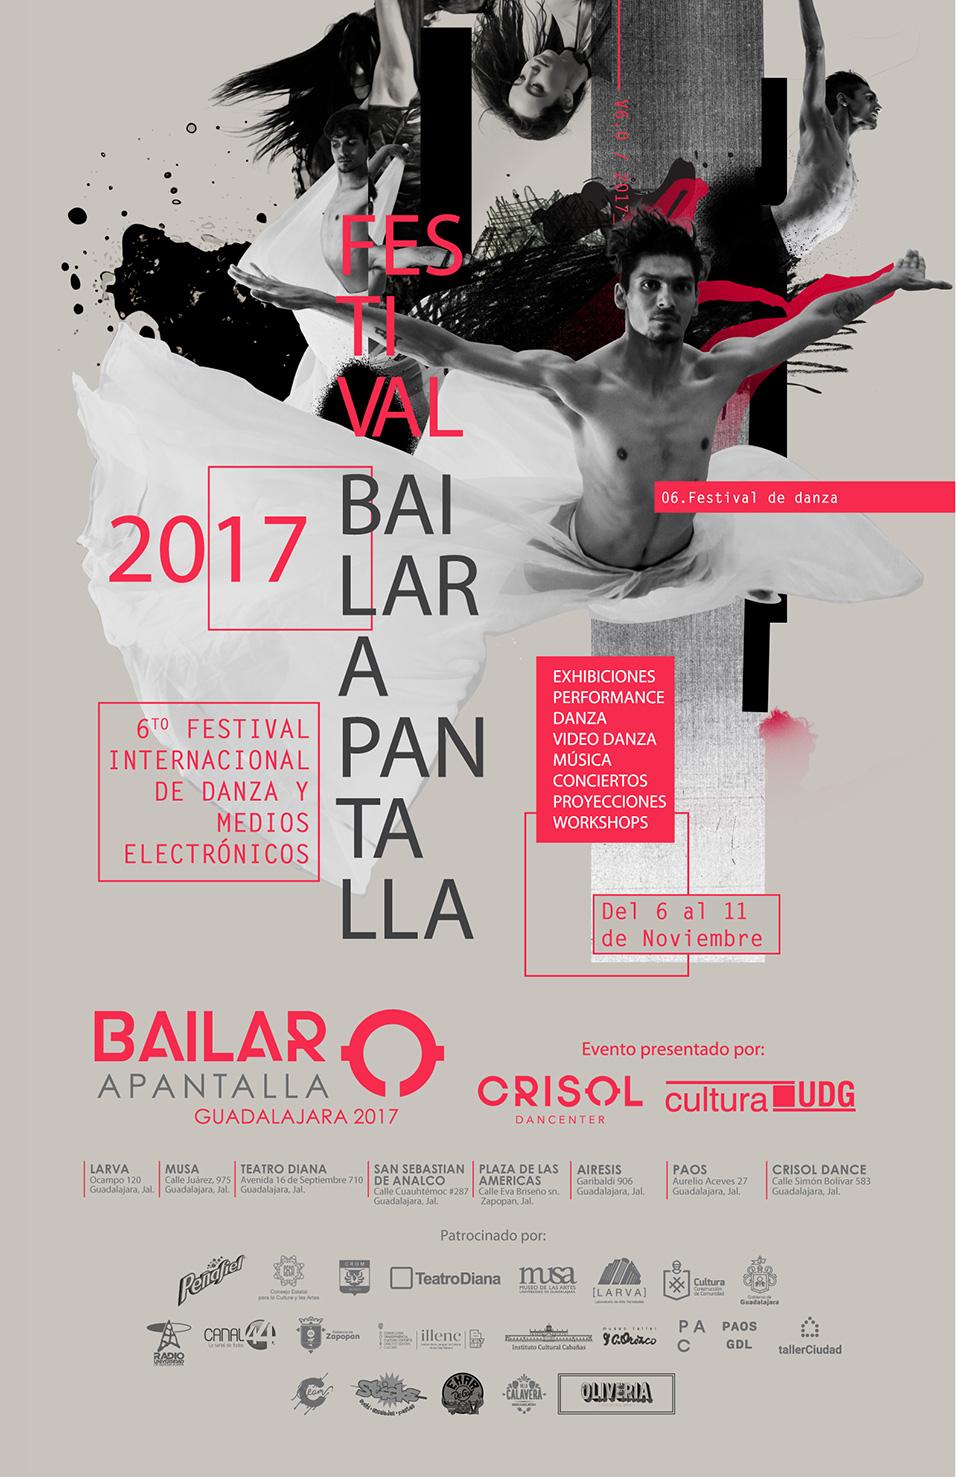 Bailar Apantalla, del 6 al 11 de Noviembre en Guadalajara